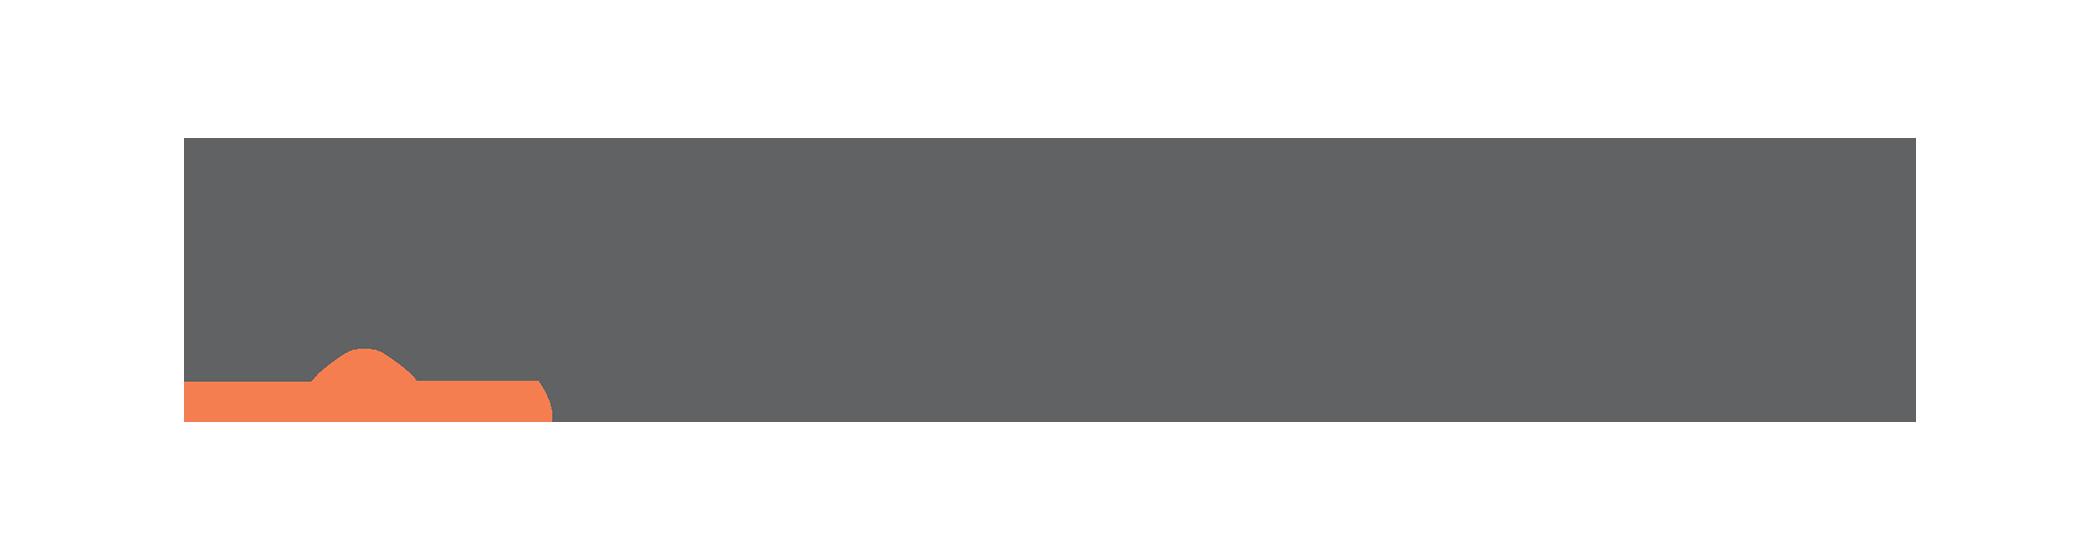 Haas Alert.png